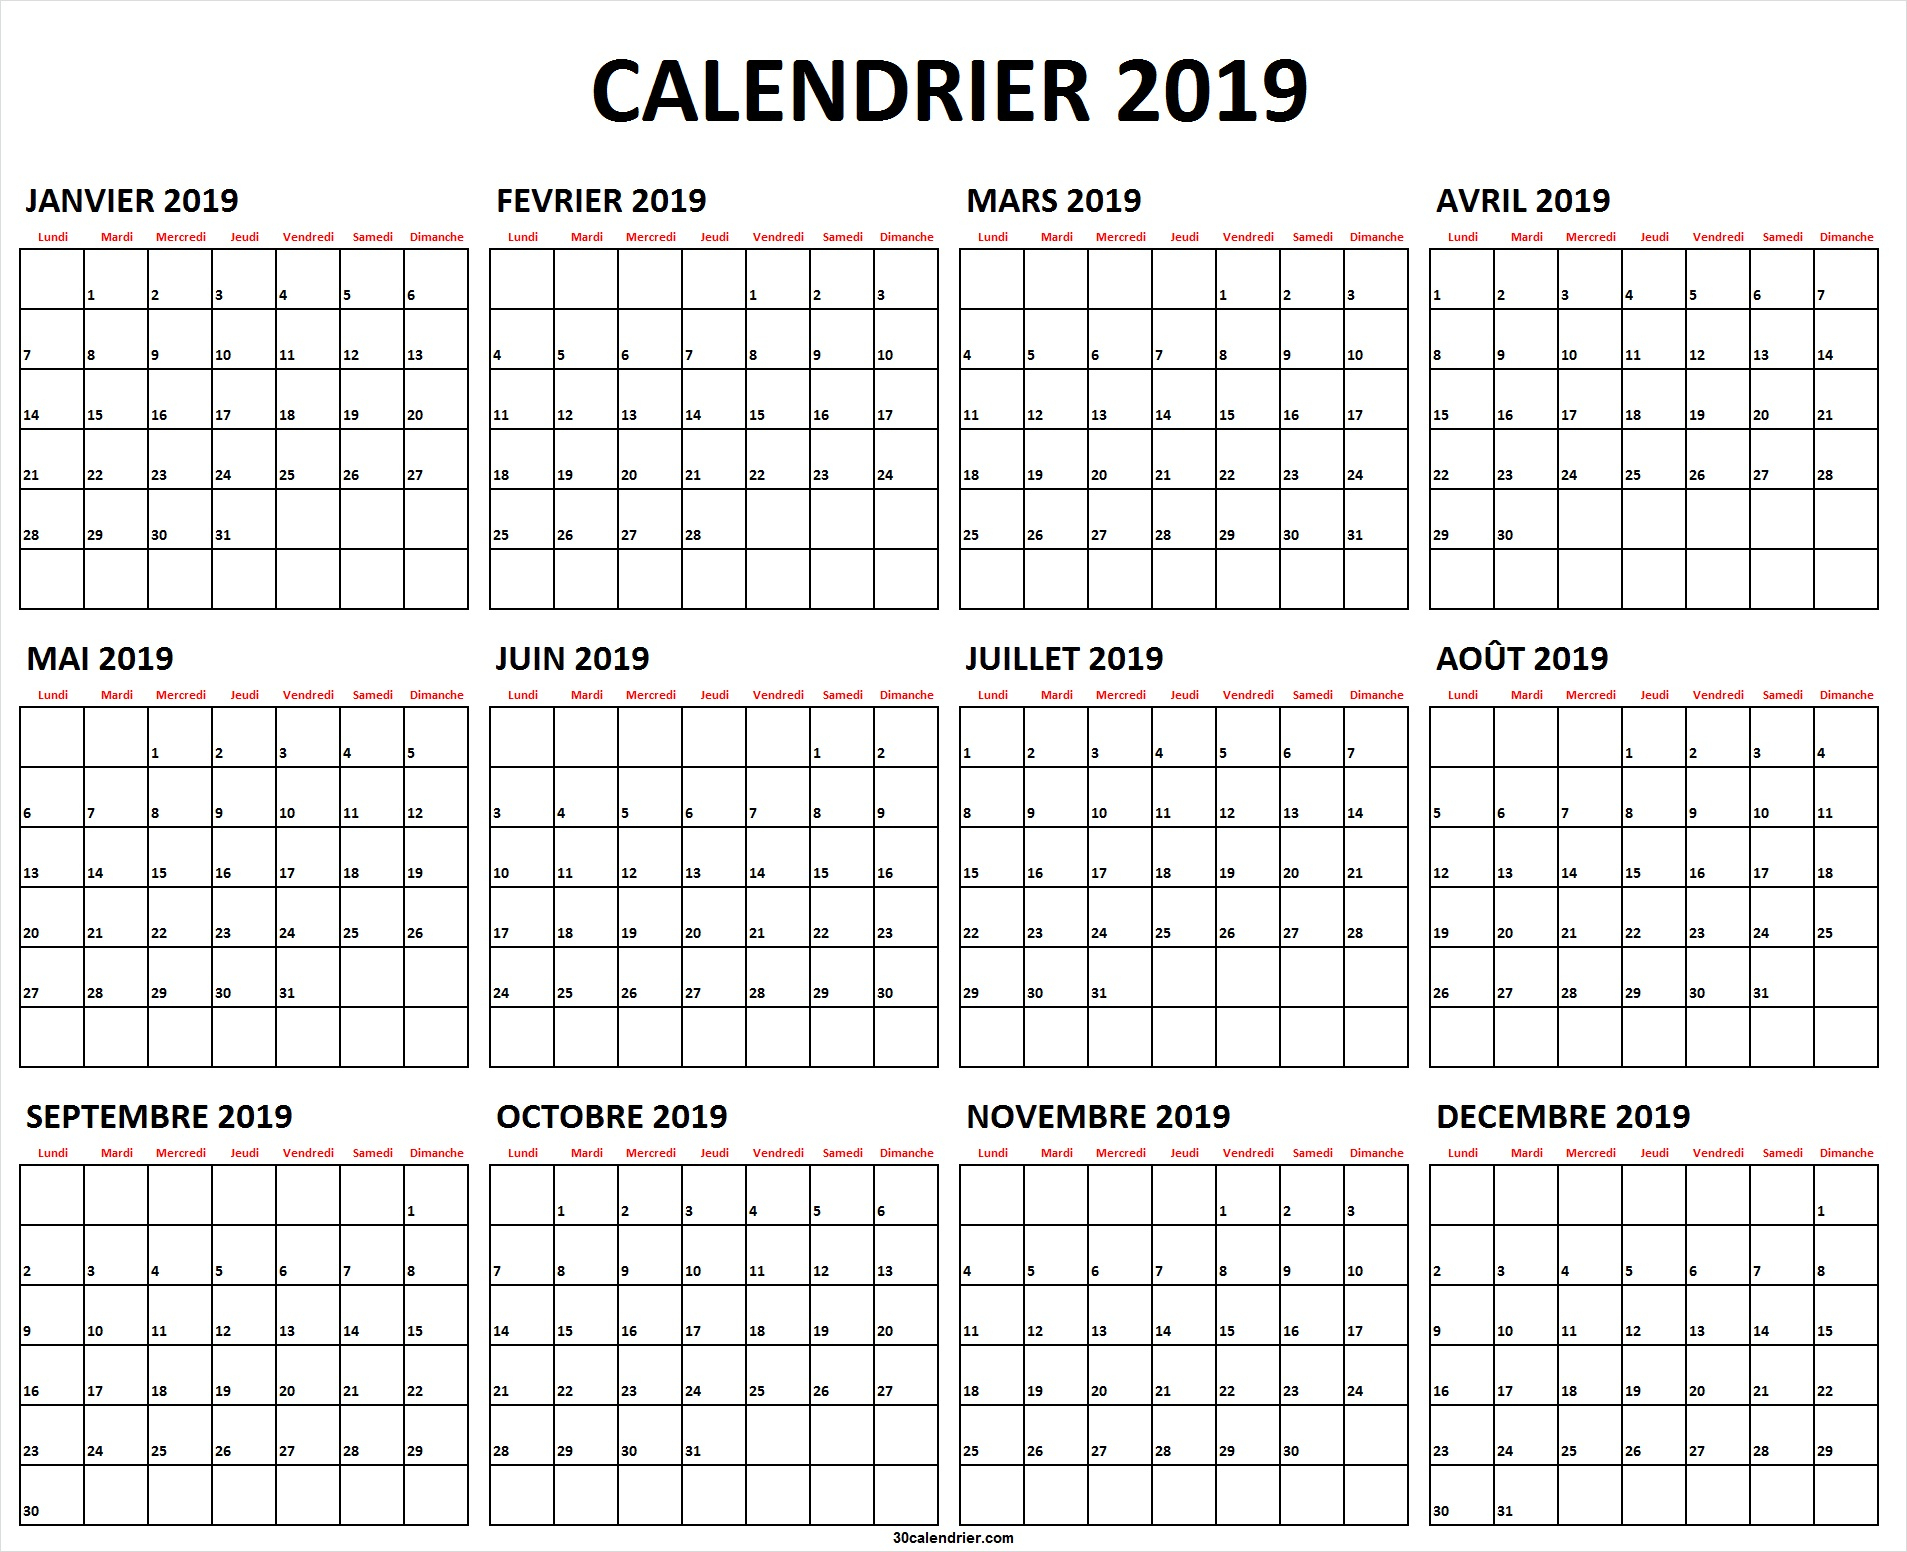 Calendrier 2019 Jours Fériés | Calendrier 2019 À Imprimer concernant Calendrier 2019 Avec Jours Fériés Vacances Scolaires À Imprimer